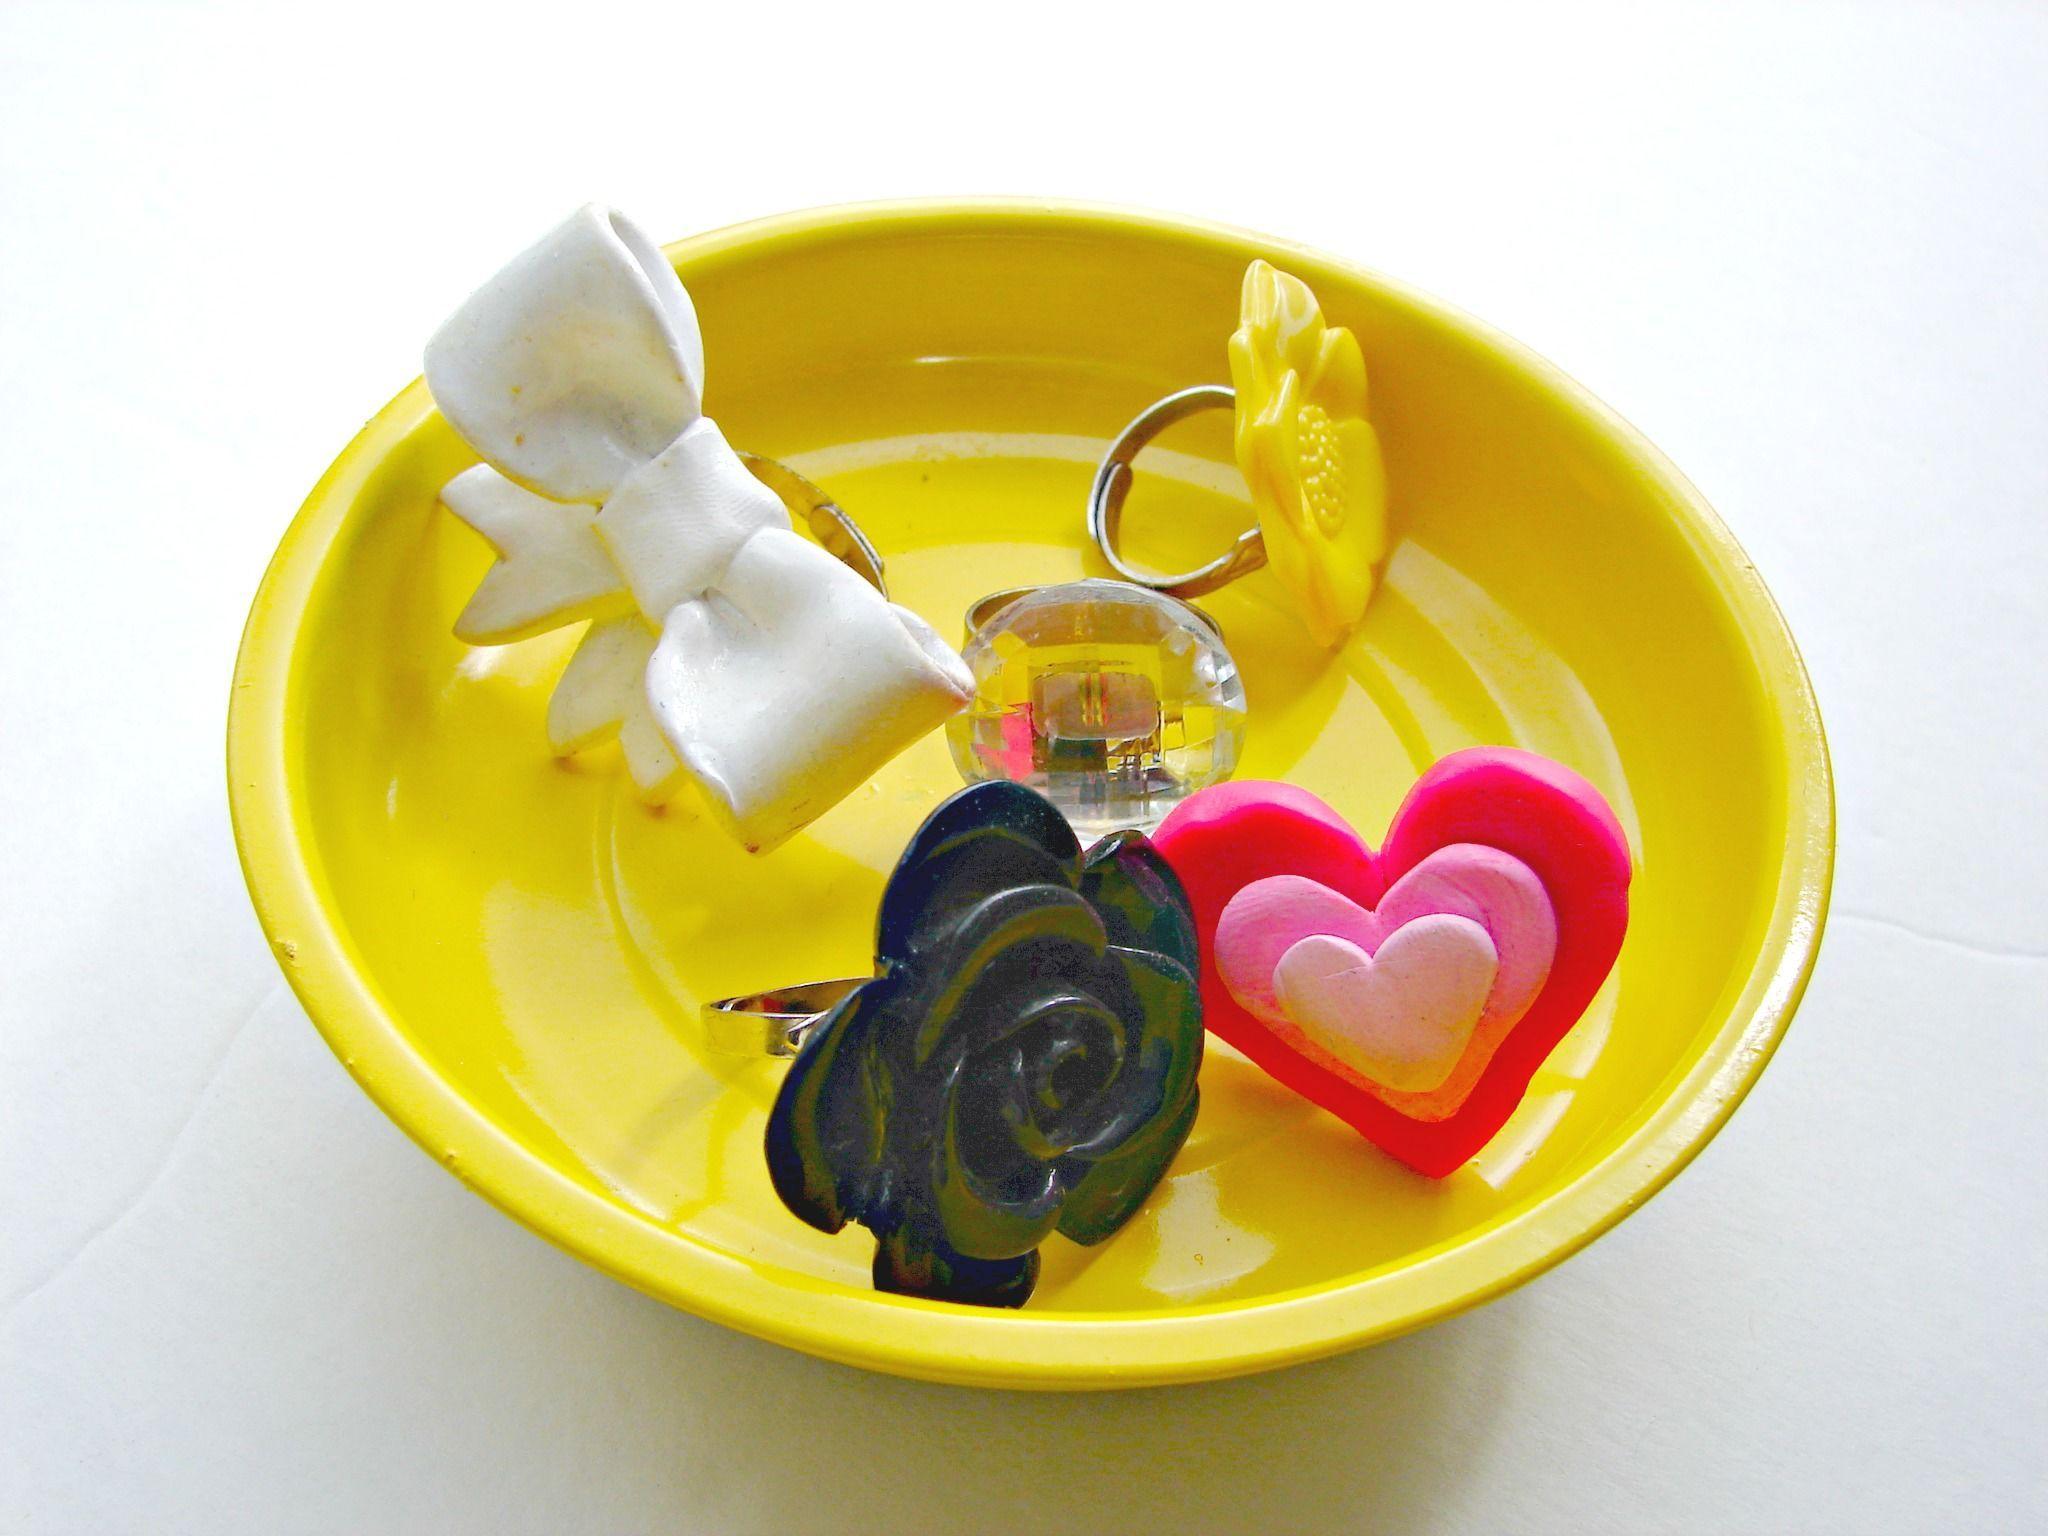 DIY Jewelry Organizers - Organizing and Storage Ideas